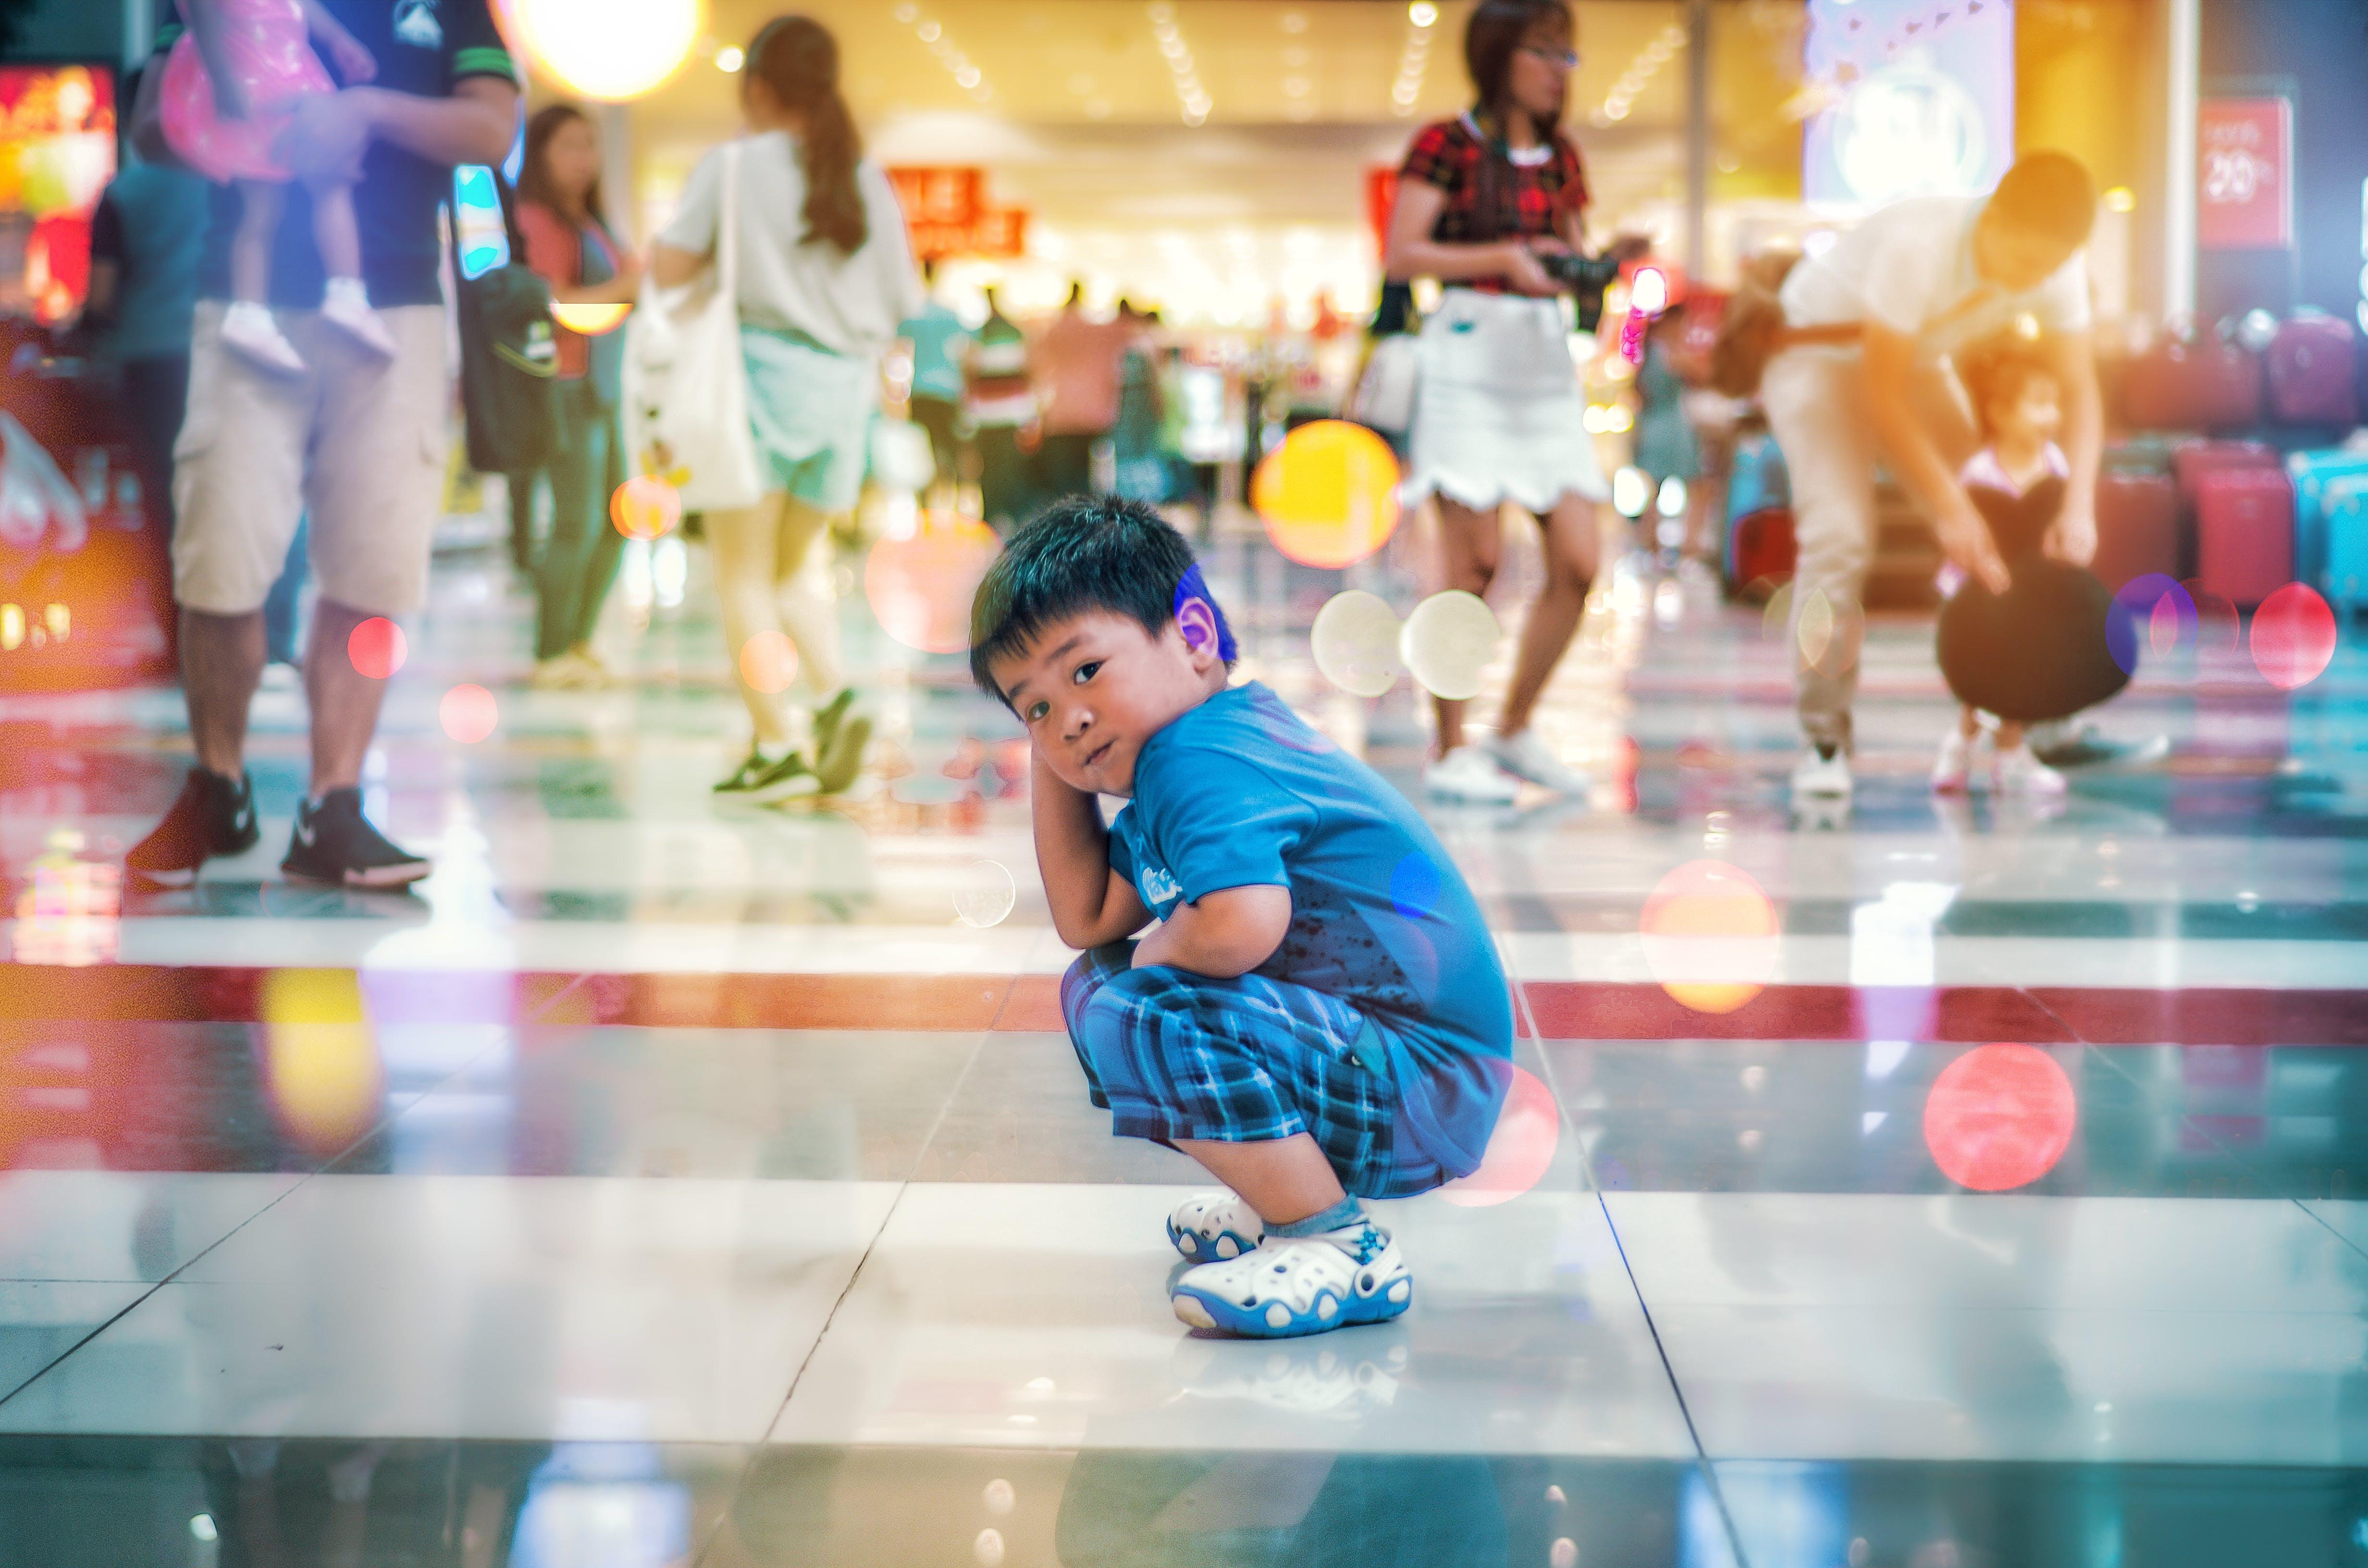 Boy Squating on White Floor Tile